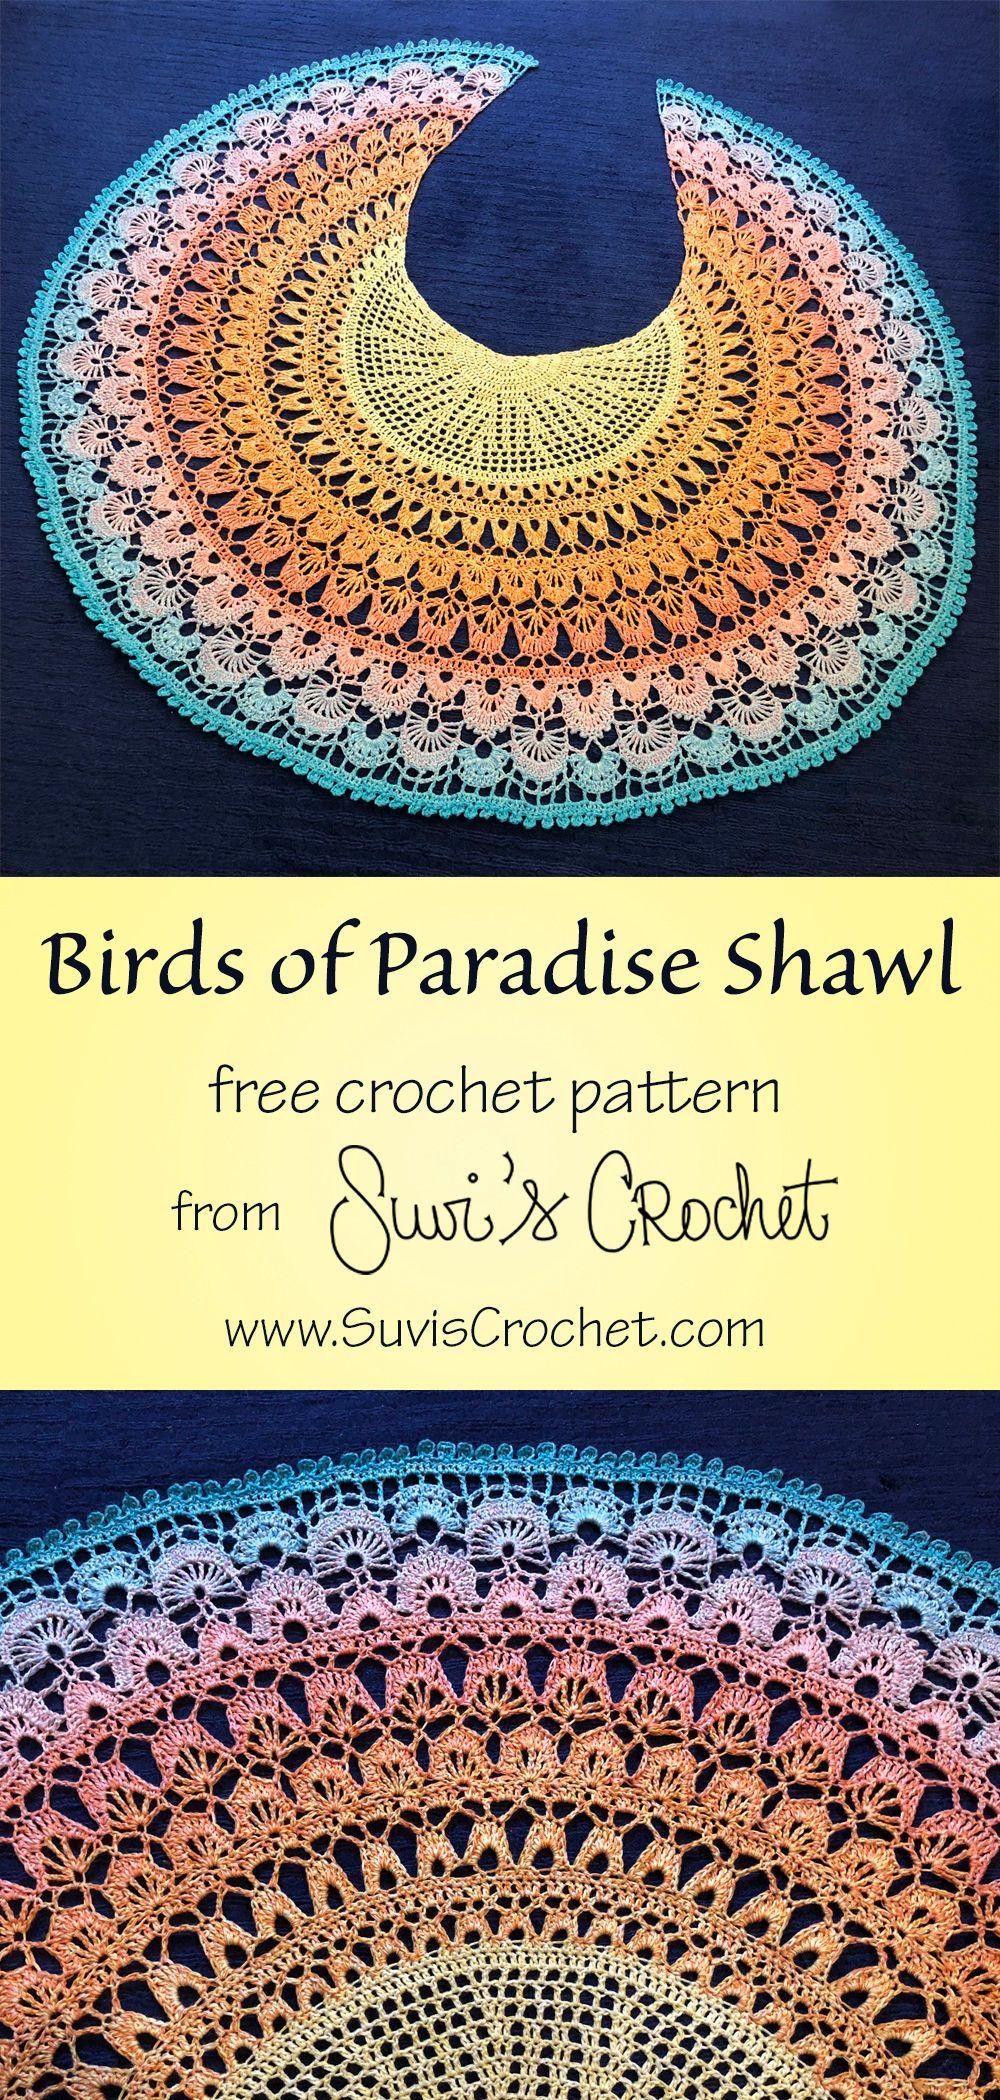 Birds of Paradise Shawl